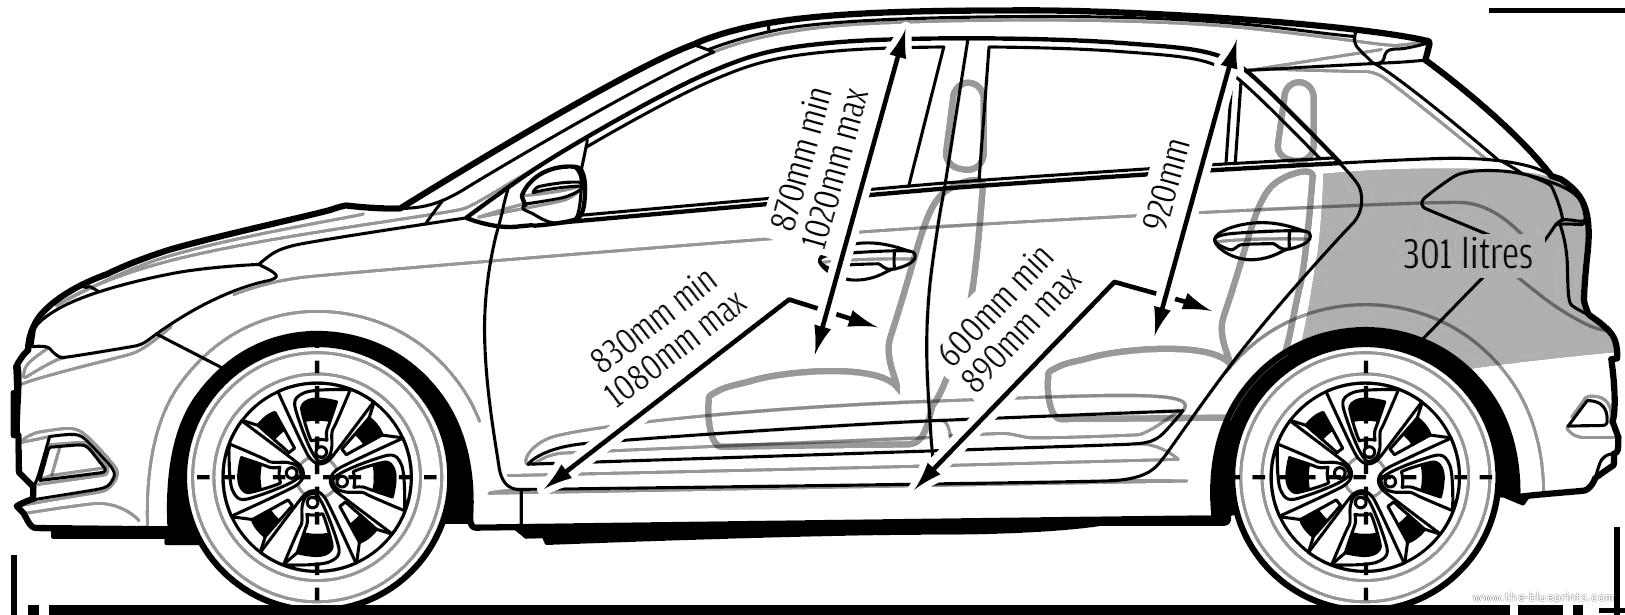 Blueprints > Cars > Hyundai > Hyundai i20 (2014)